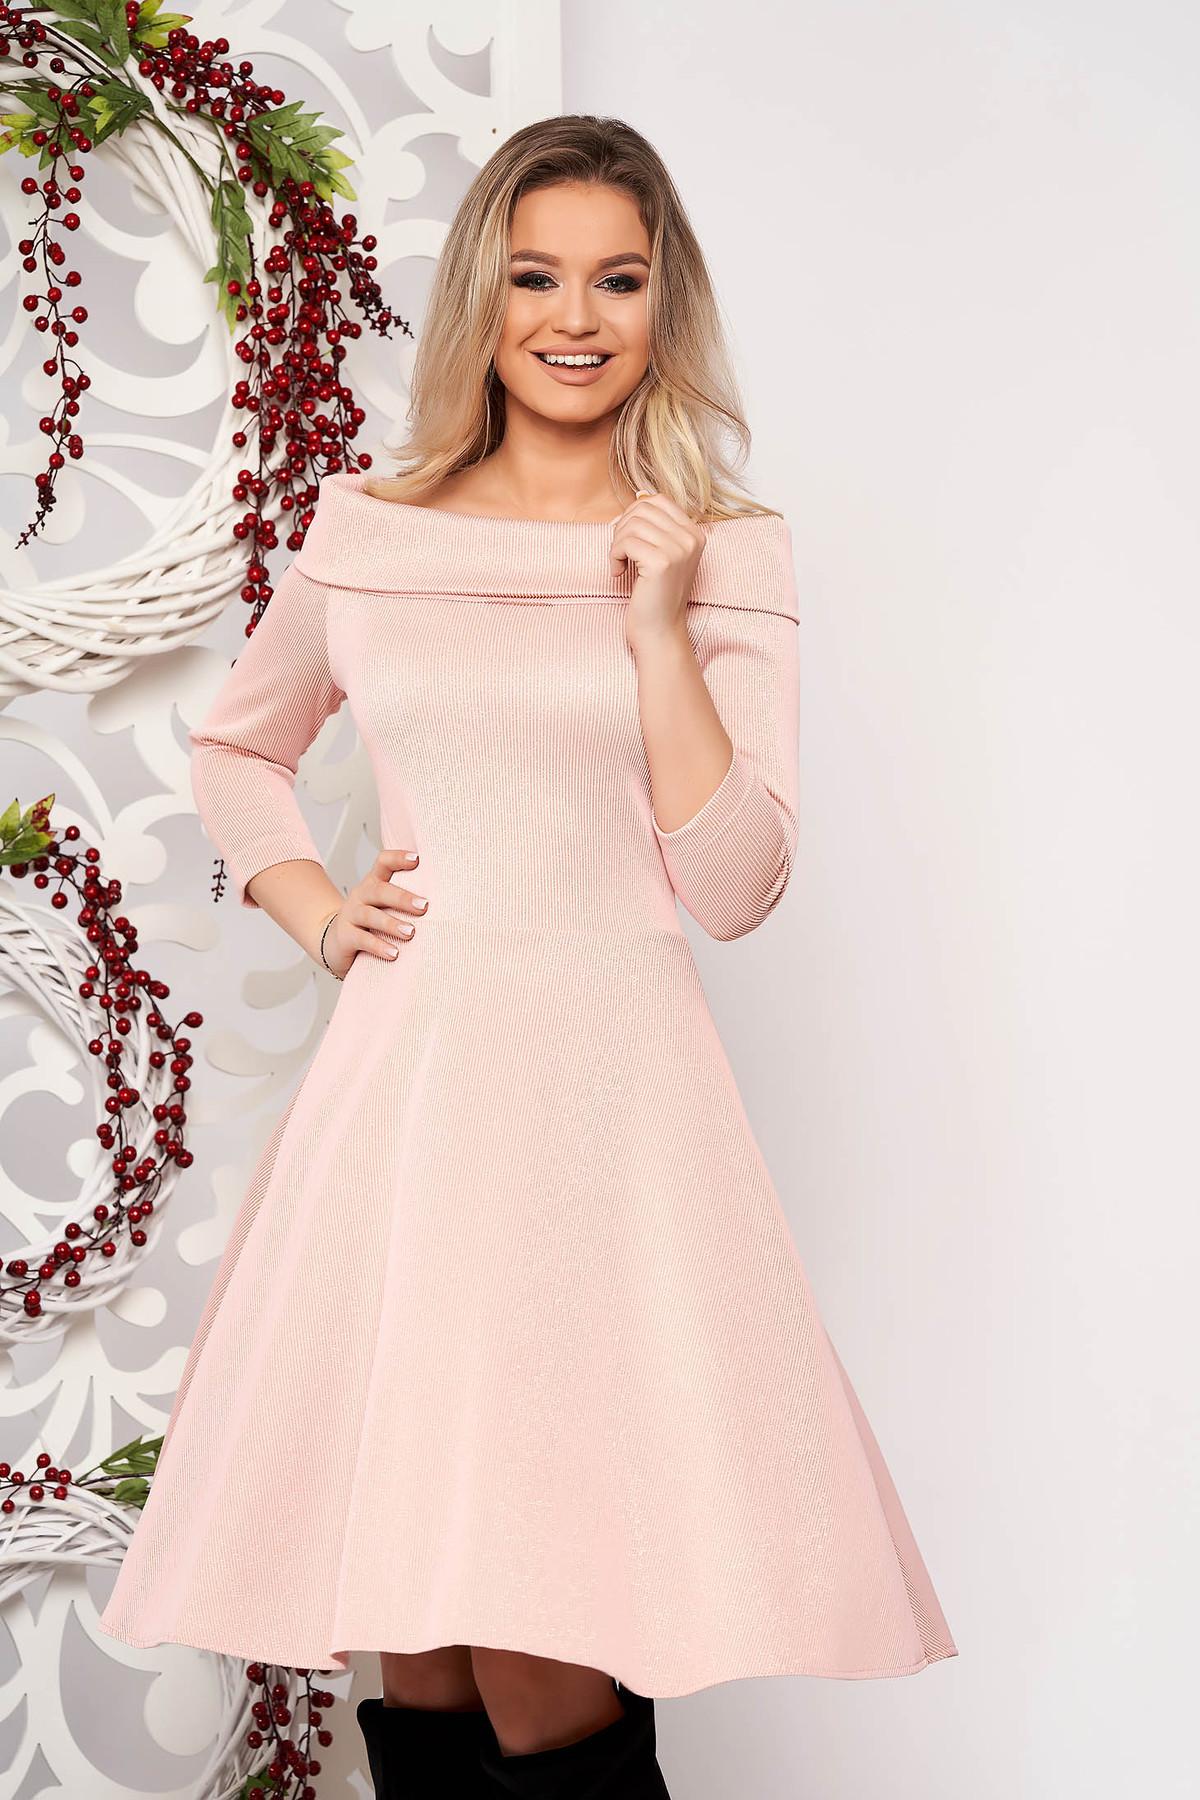 Rochie StarShinerS roz prafuit midi croi in clos cu maneci trei-sferturi cu guler barcuta